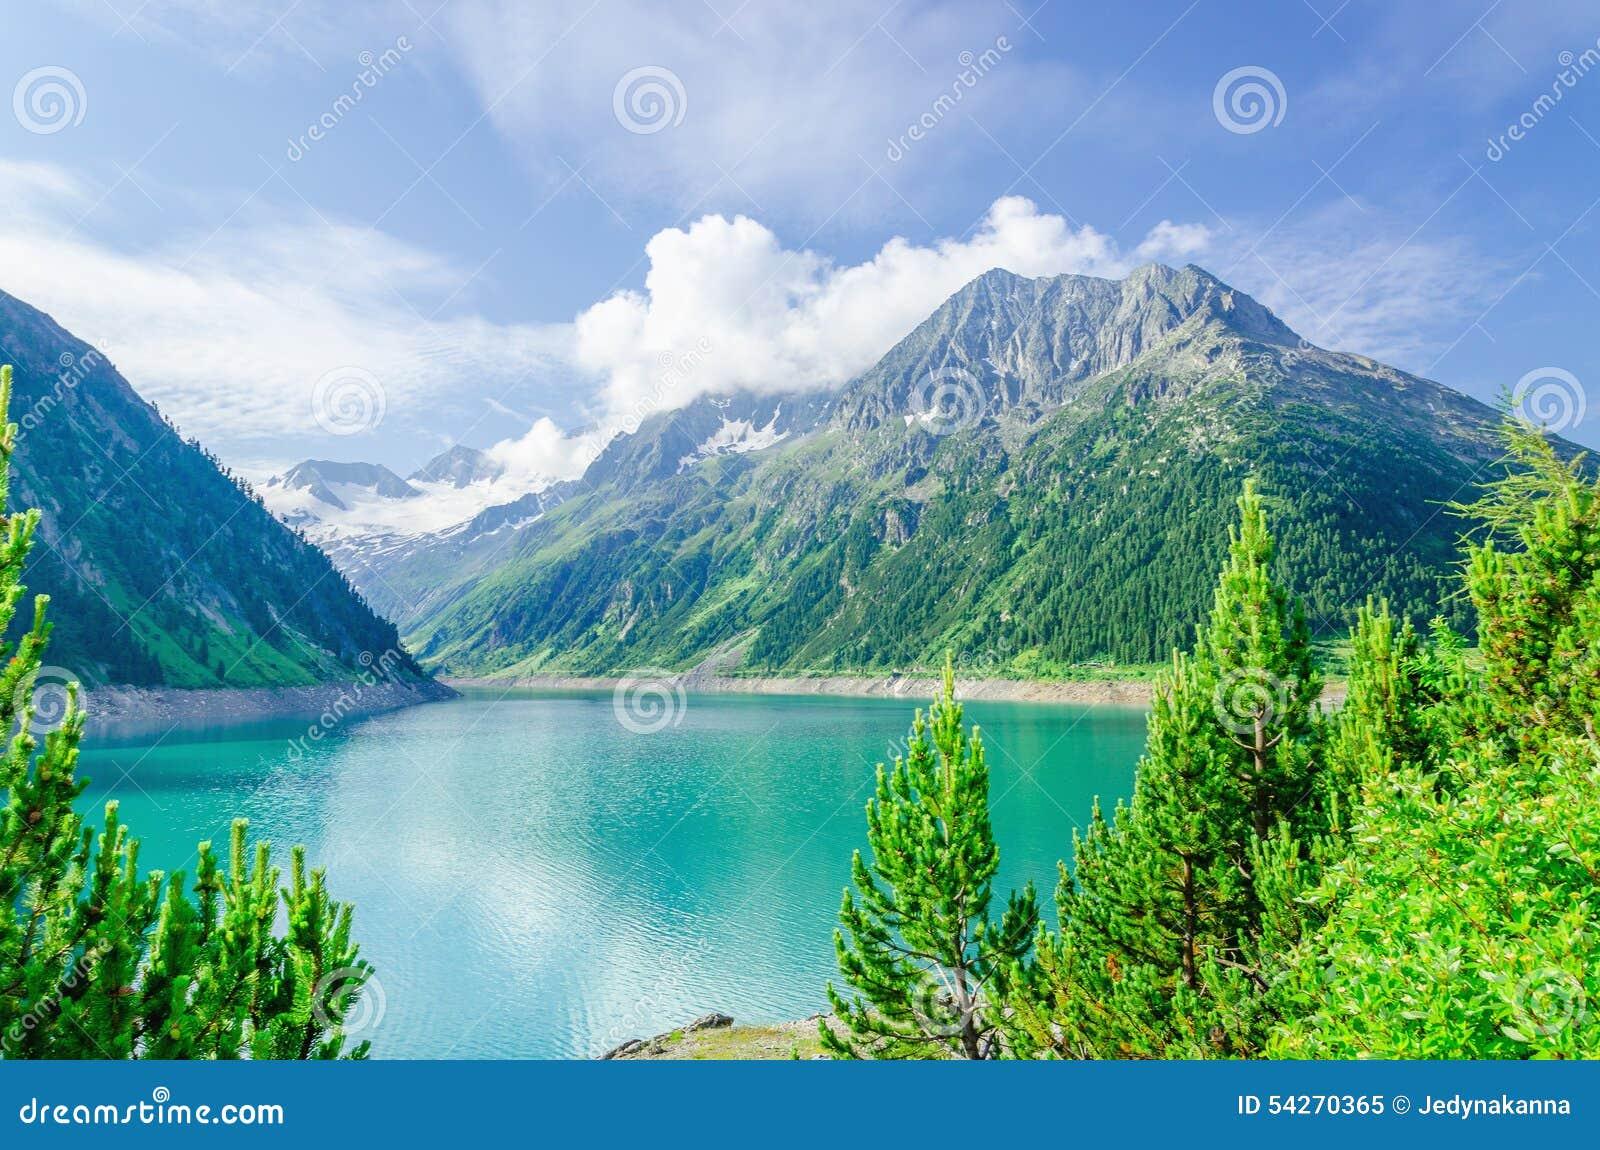 Lazurowy halny jezioro i wysocy Alpejscy szczyty, Austria